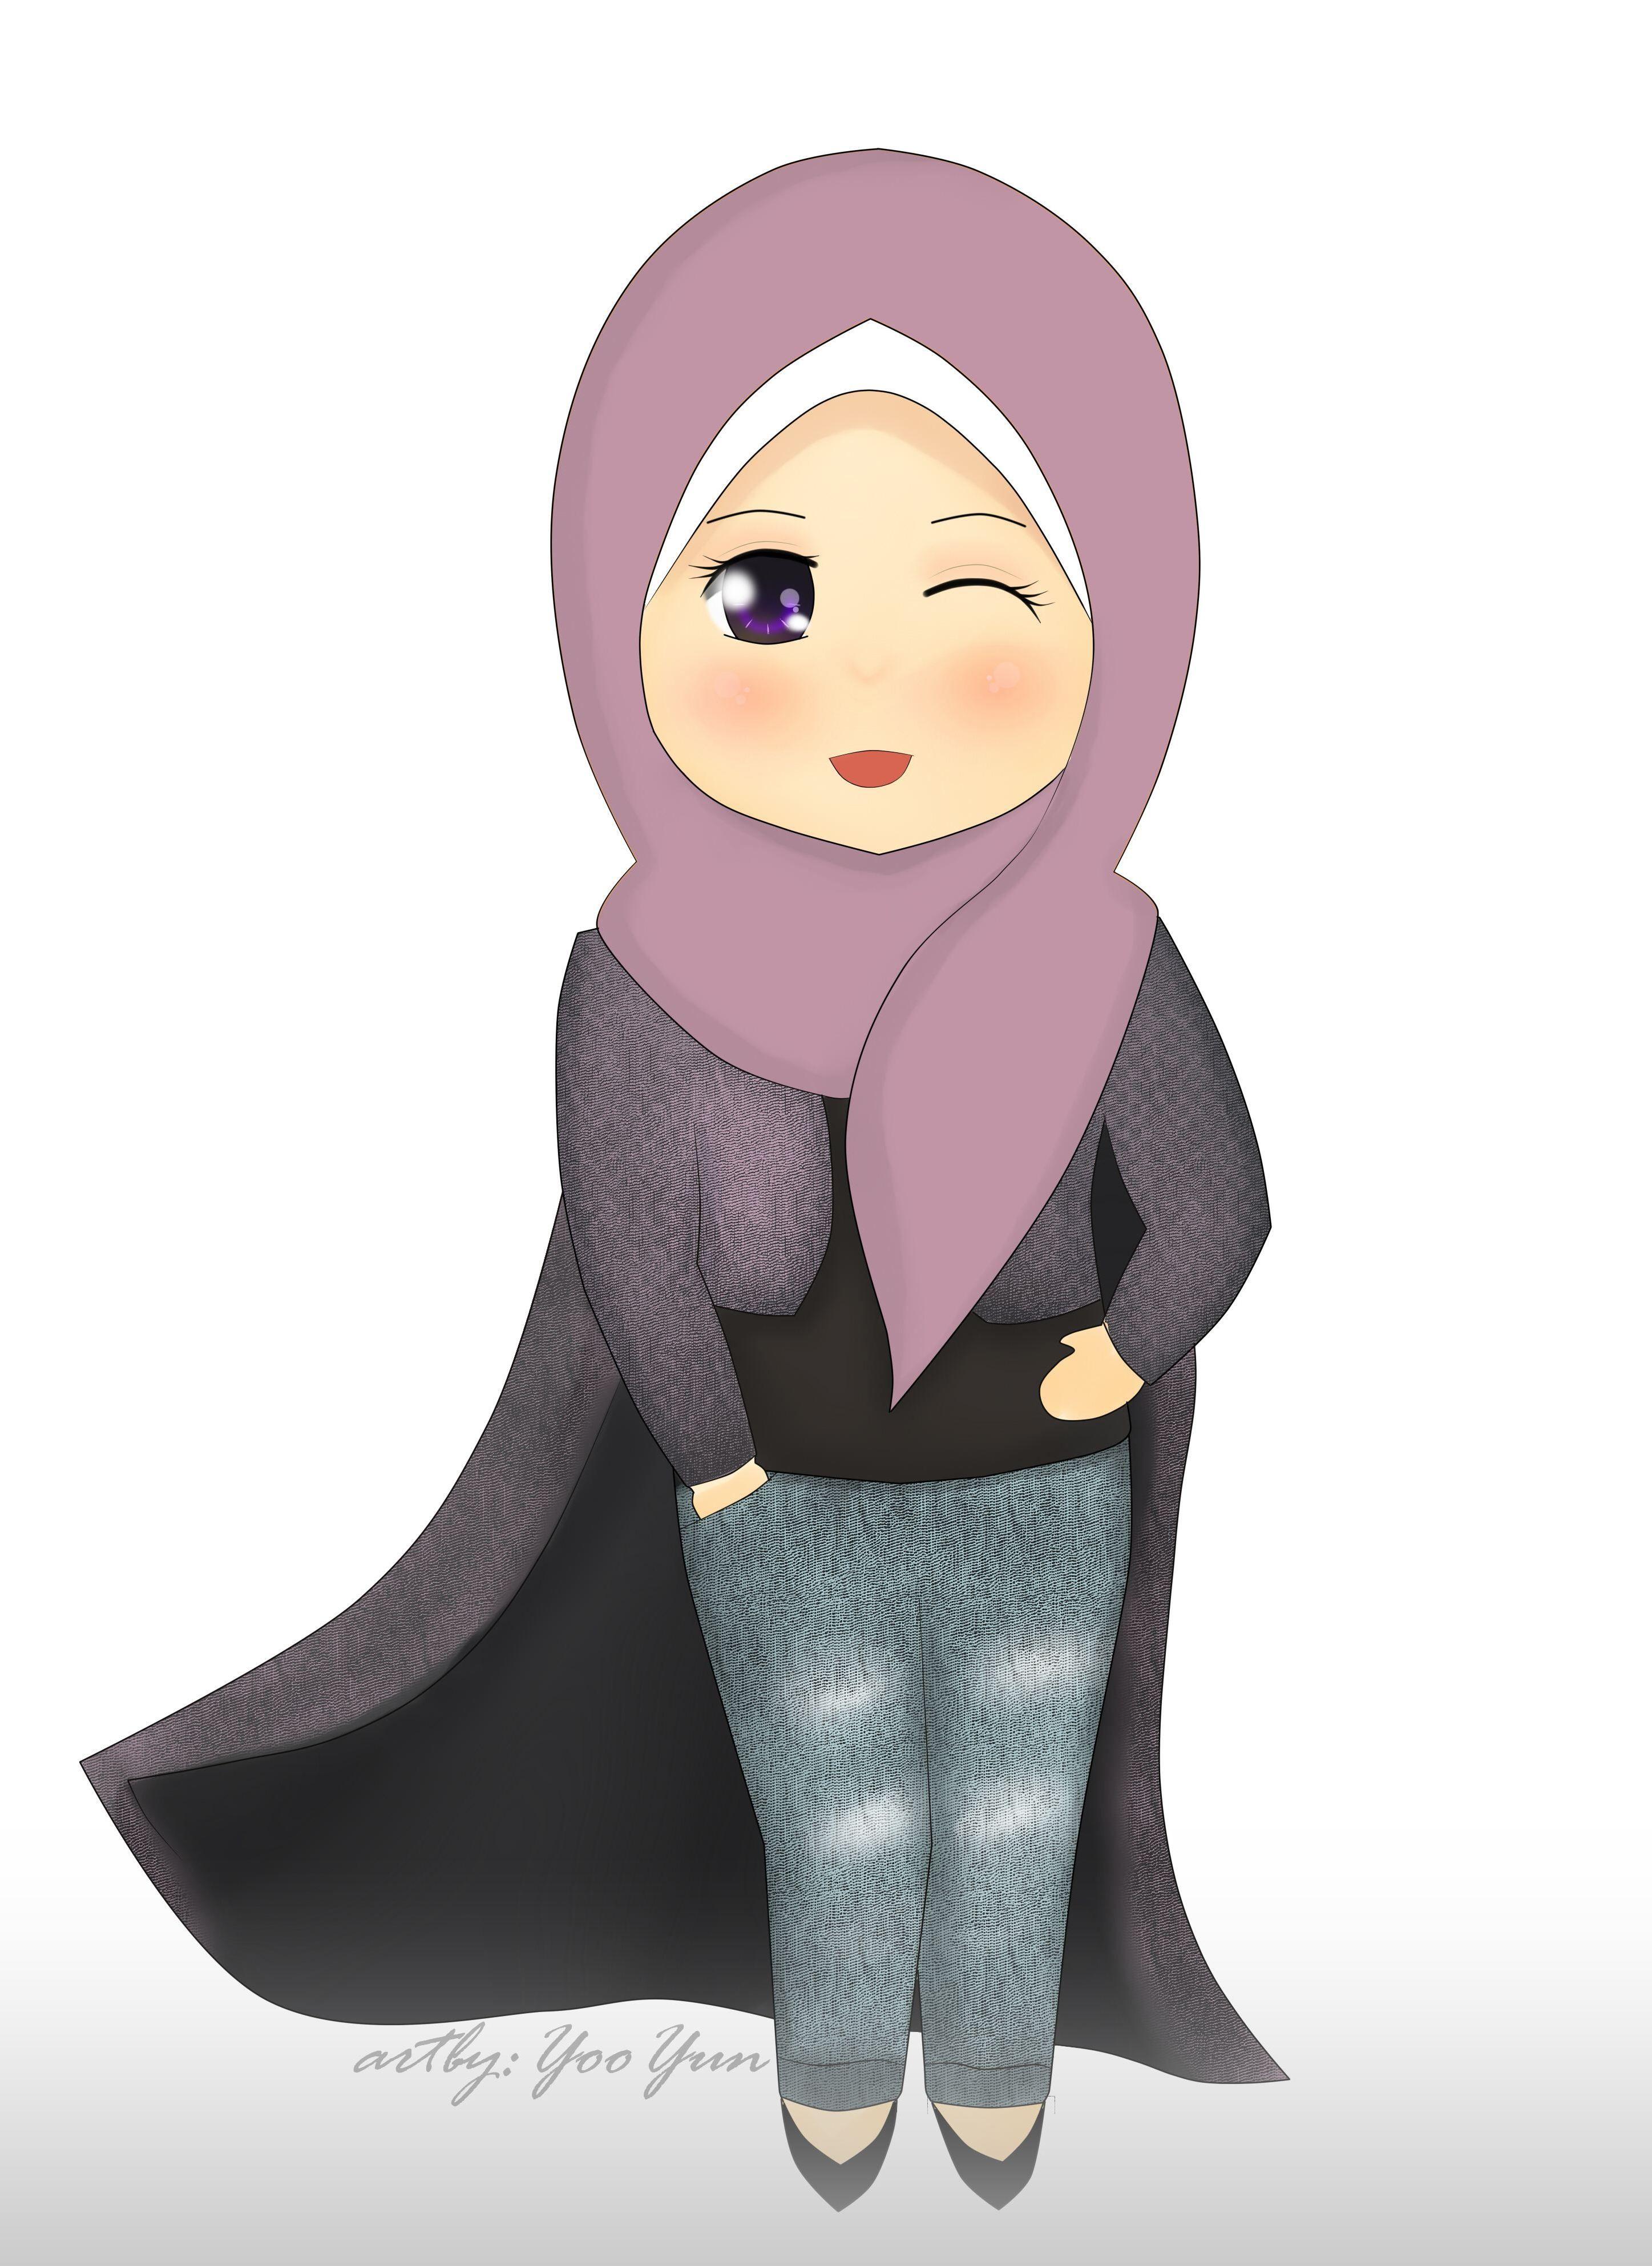 Gambar Kartun Muslimah Polos Kartun, Ilustrasi karakter